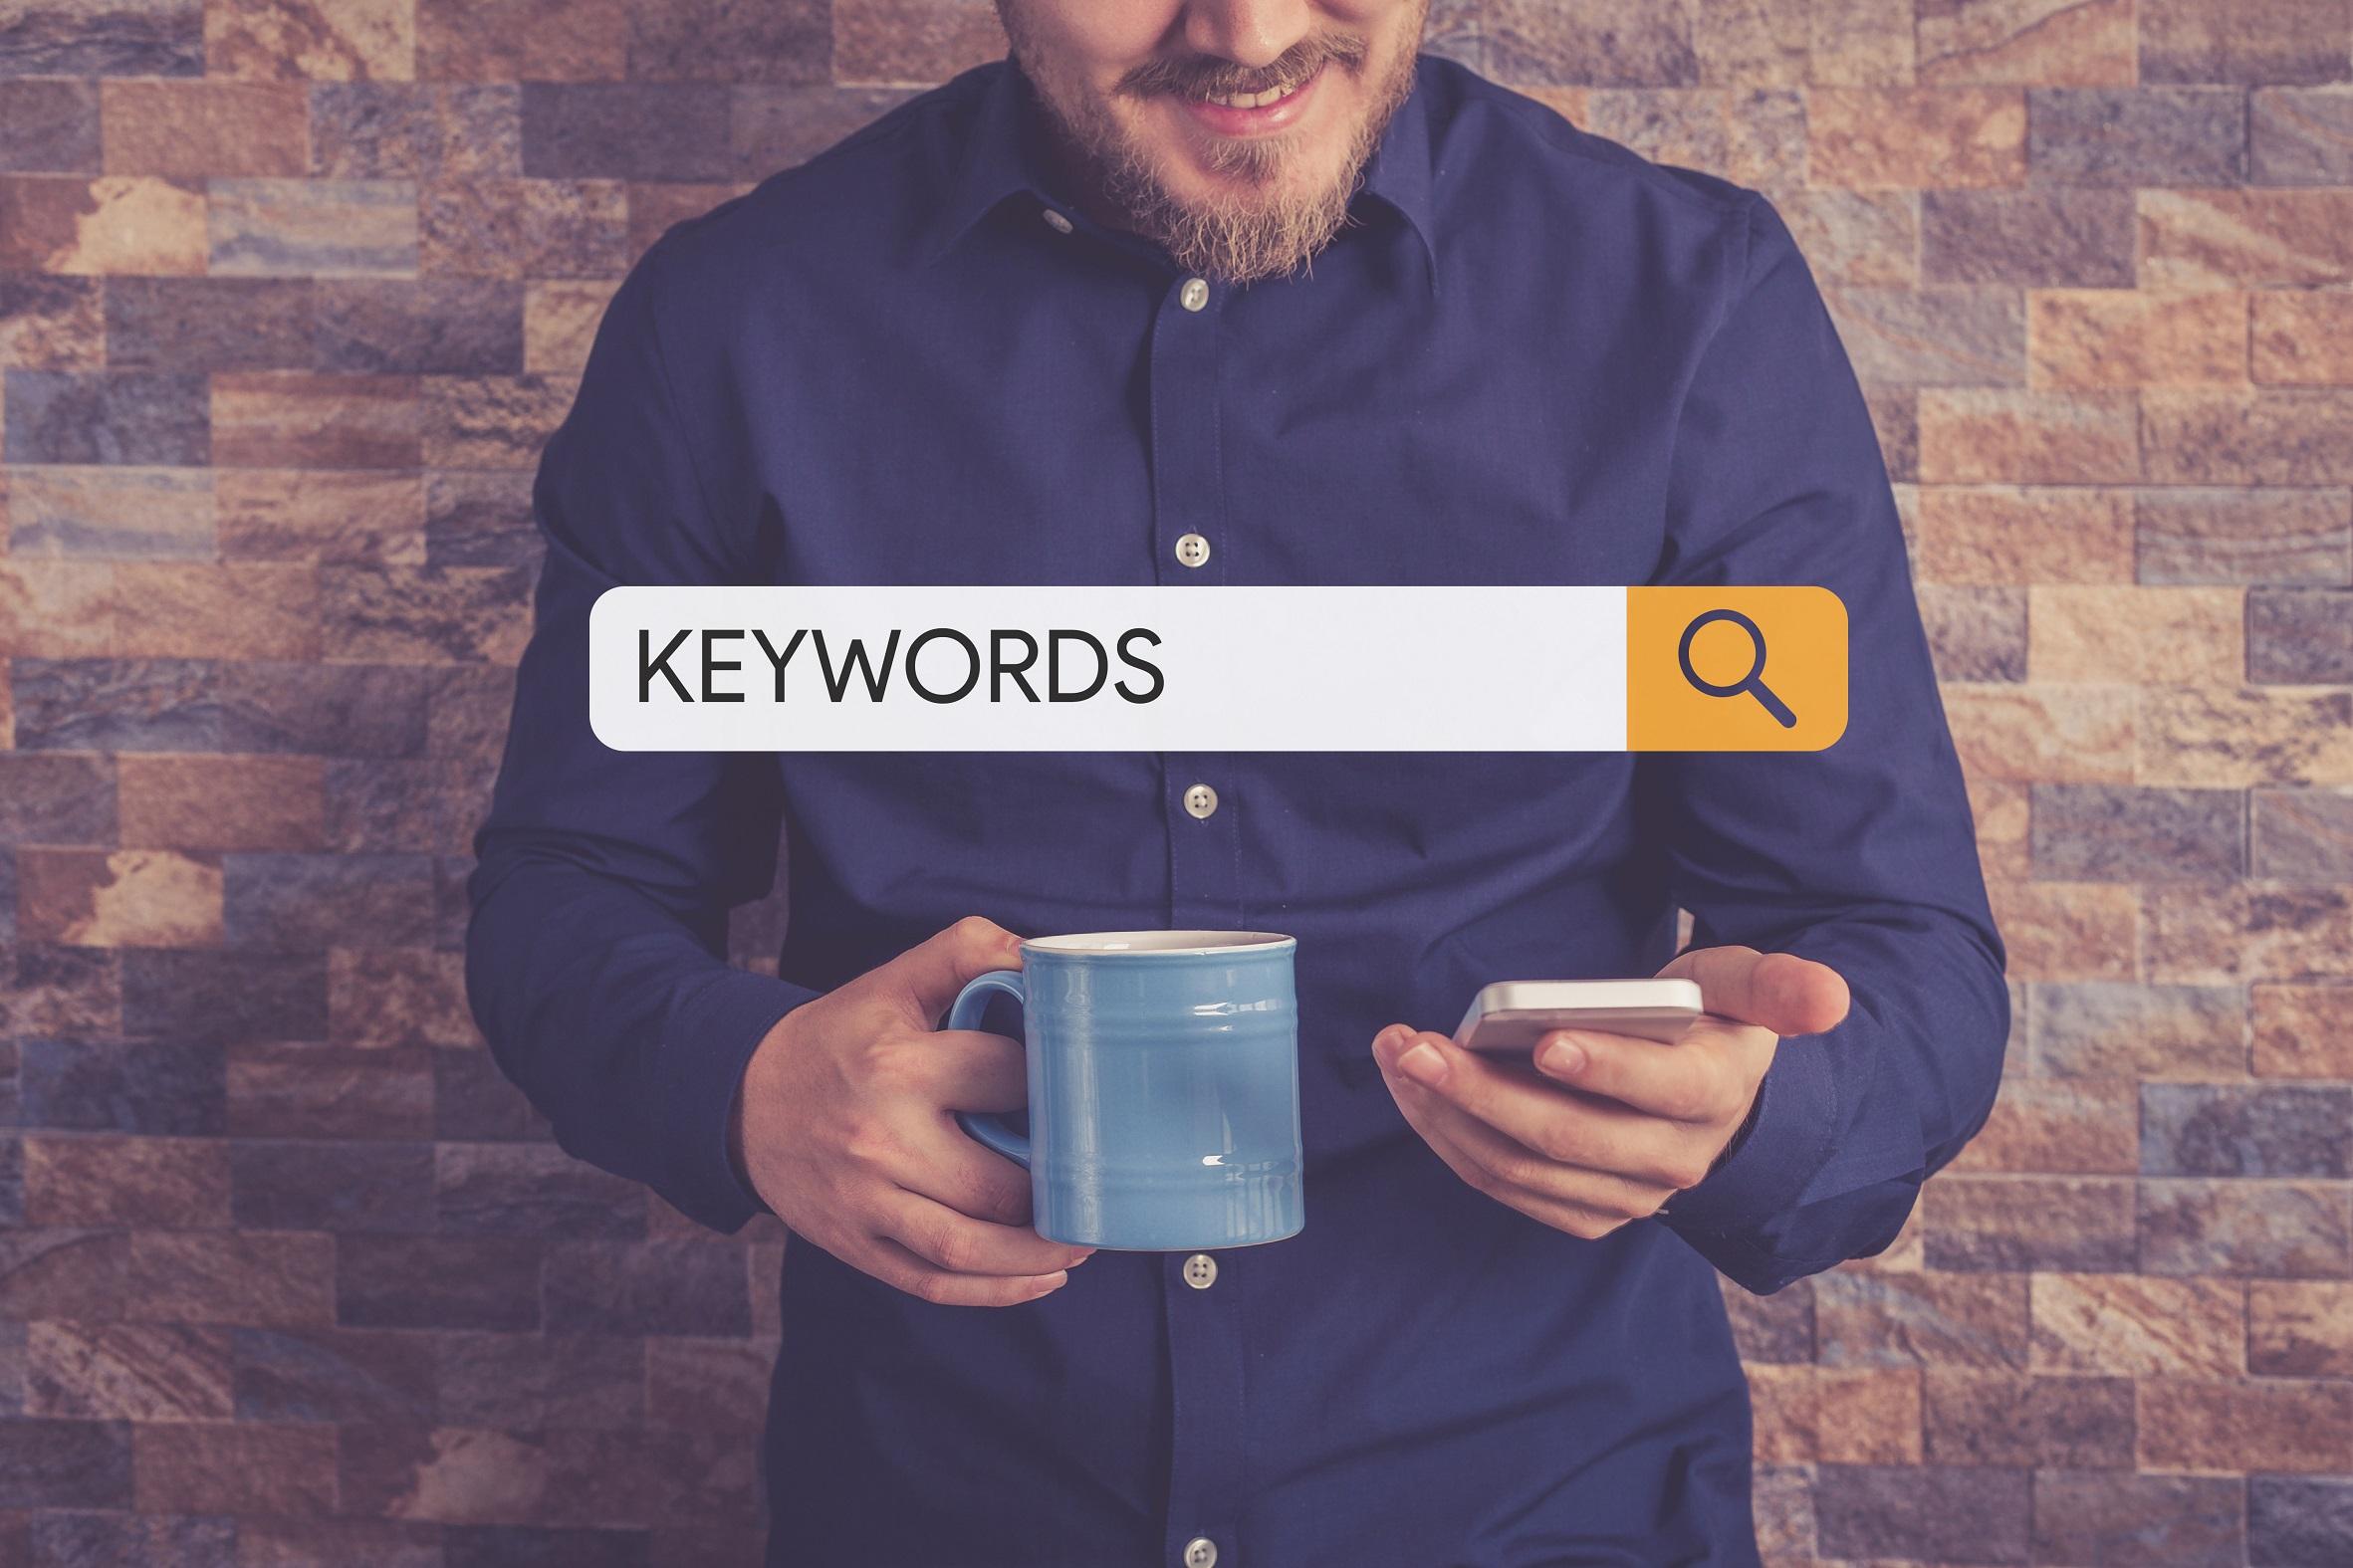 Tool per la Keyword Research: come funzionano e quale scegliere per il tuo sito